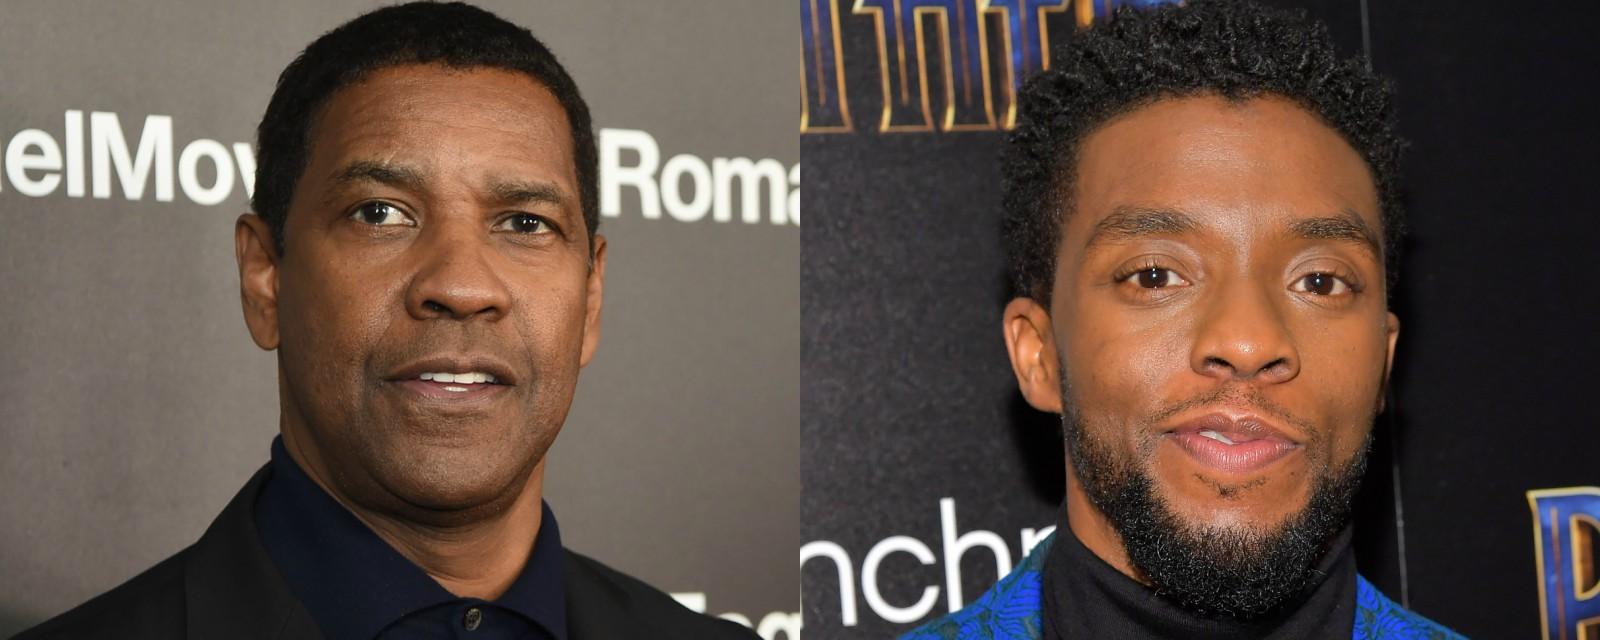 Denzel Washington ajudou a pagar os estudos de Chadwick Boseman - Notícias  de cinema - AdoroCinema